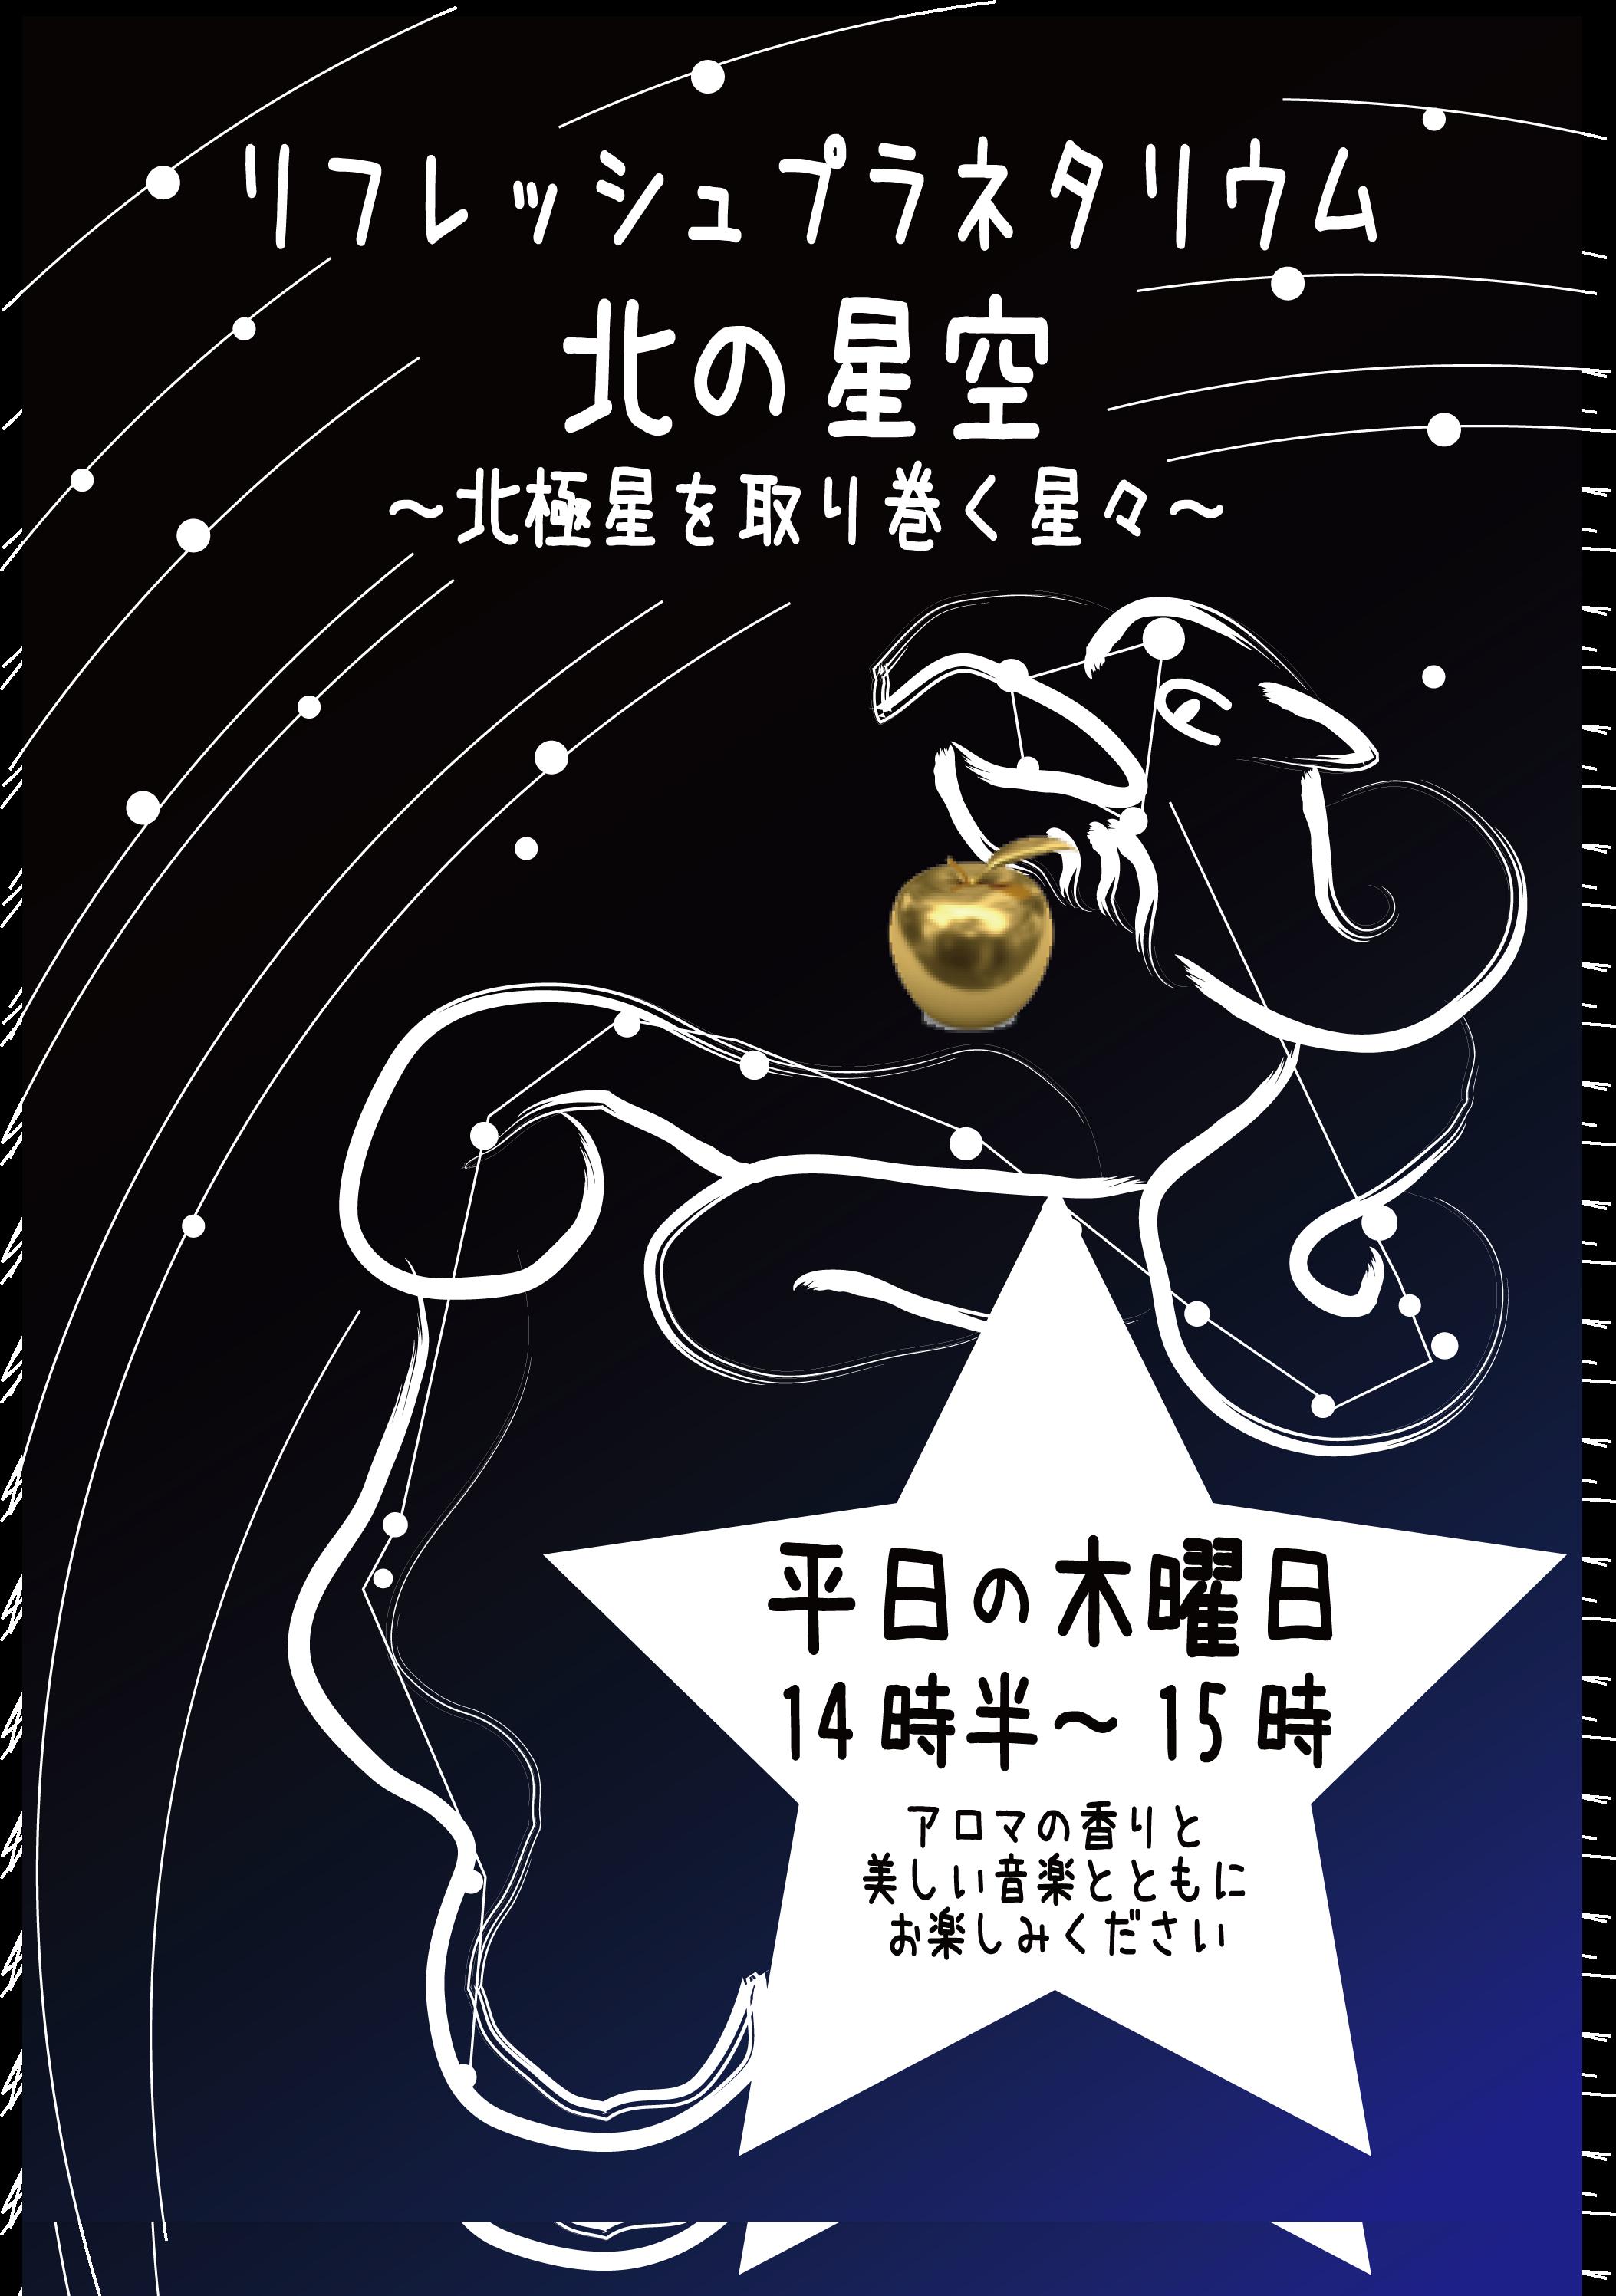 リフレッシュ☆プラネタリウムのイメージ